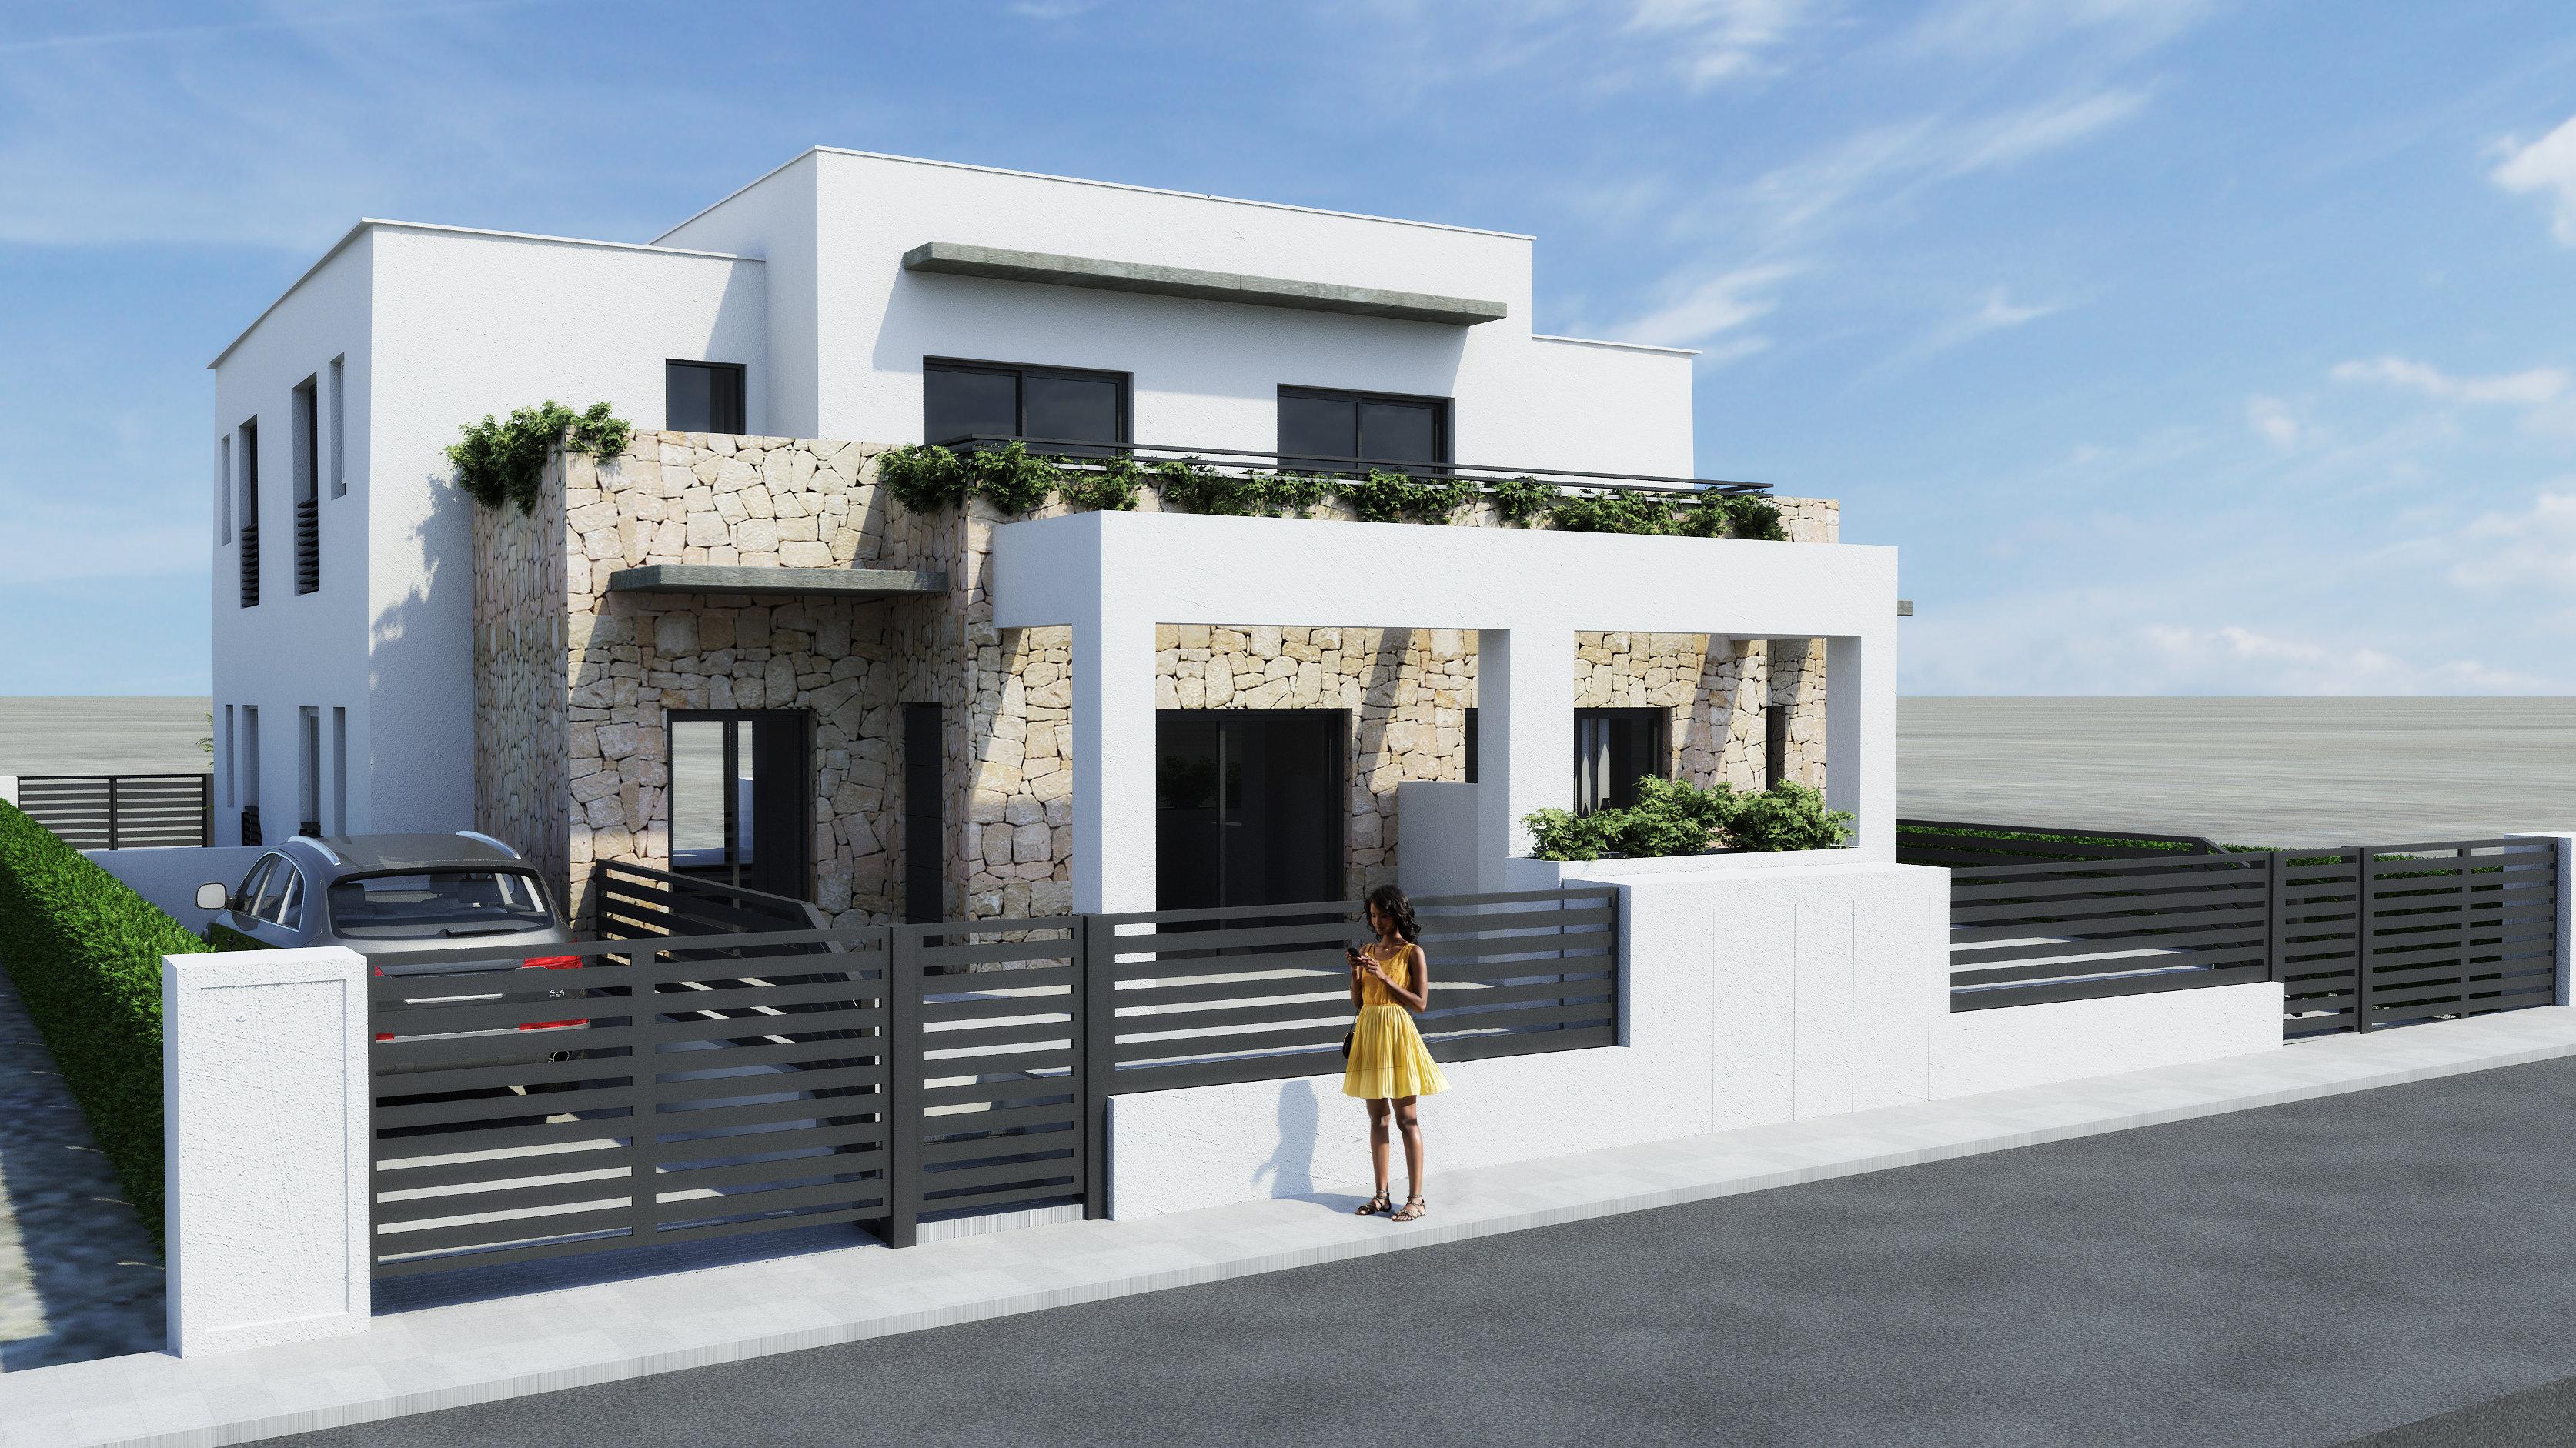 Spanien Costa Blanca Torrevieja – Neue Eckhäuser im modernen Stil ...